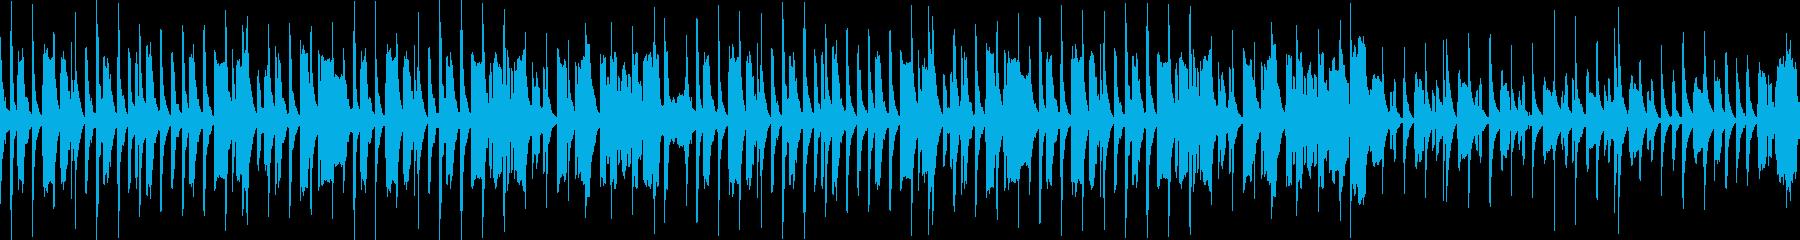 ほのぼのかわいい、のんびりした曲/ループの再生済みの波形